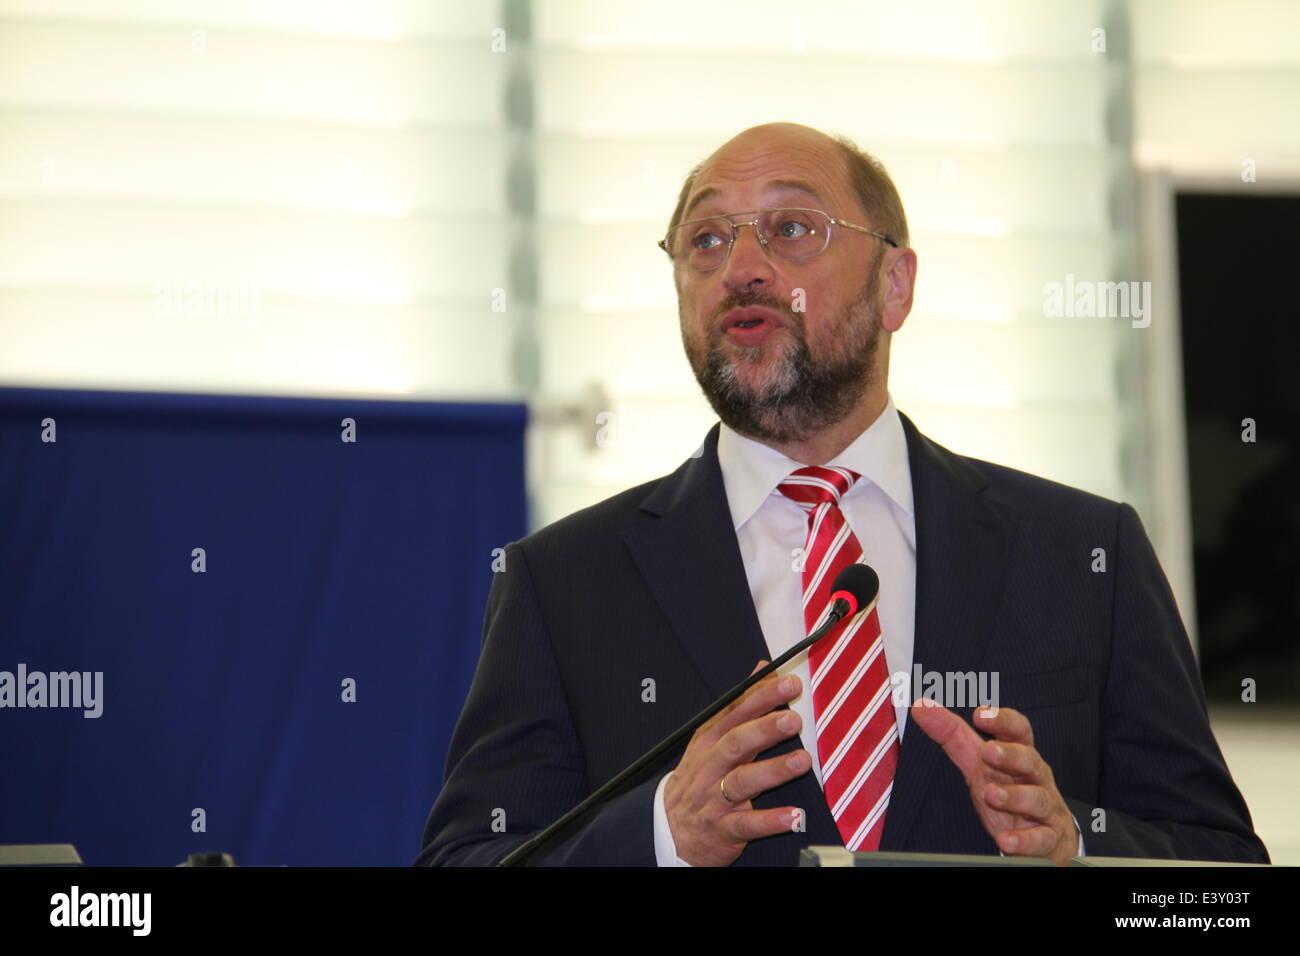 Strasbourg, France. 1er juillet 2014. Martin Schulz traite le Parlement européen (PE) a l'issue des votes, Photo Stock